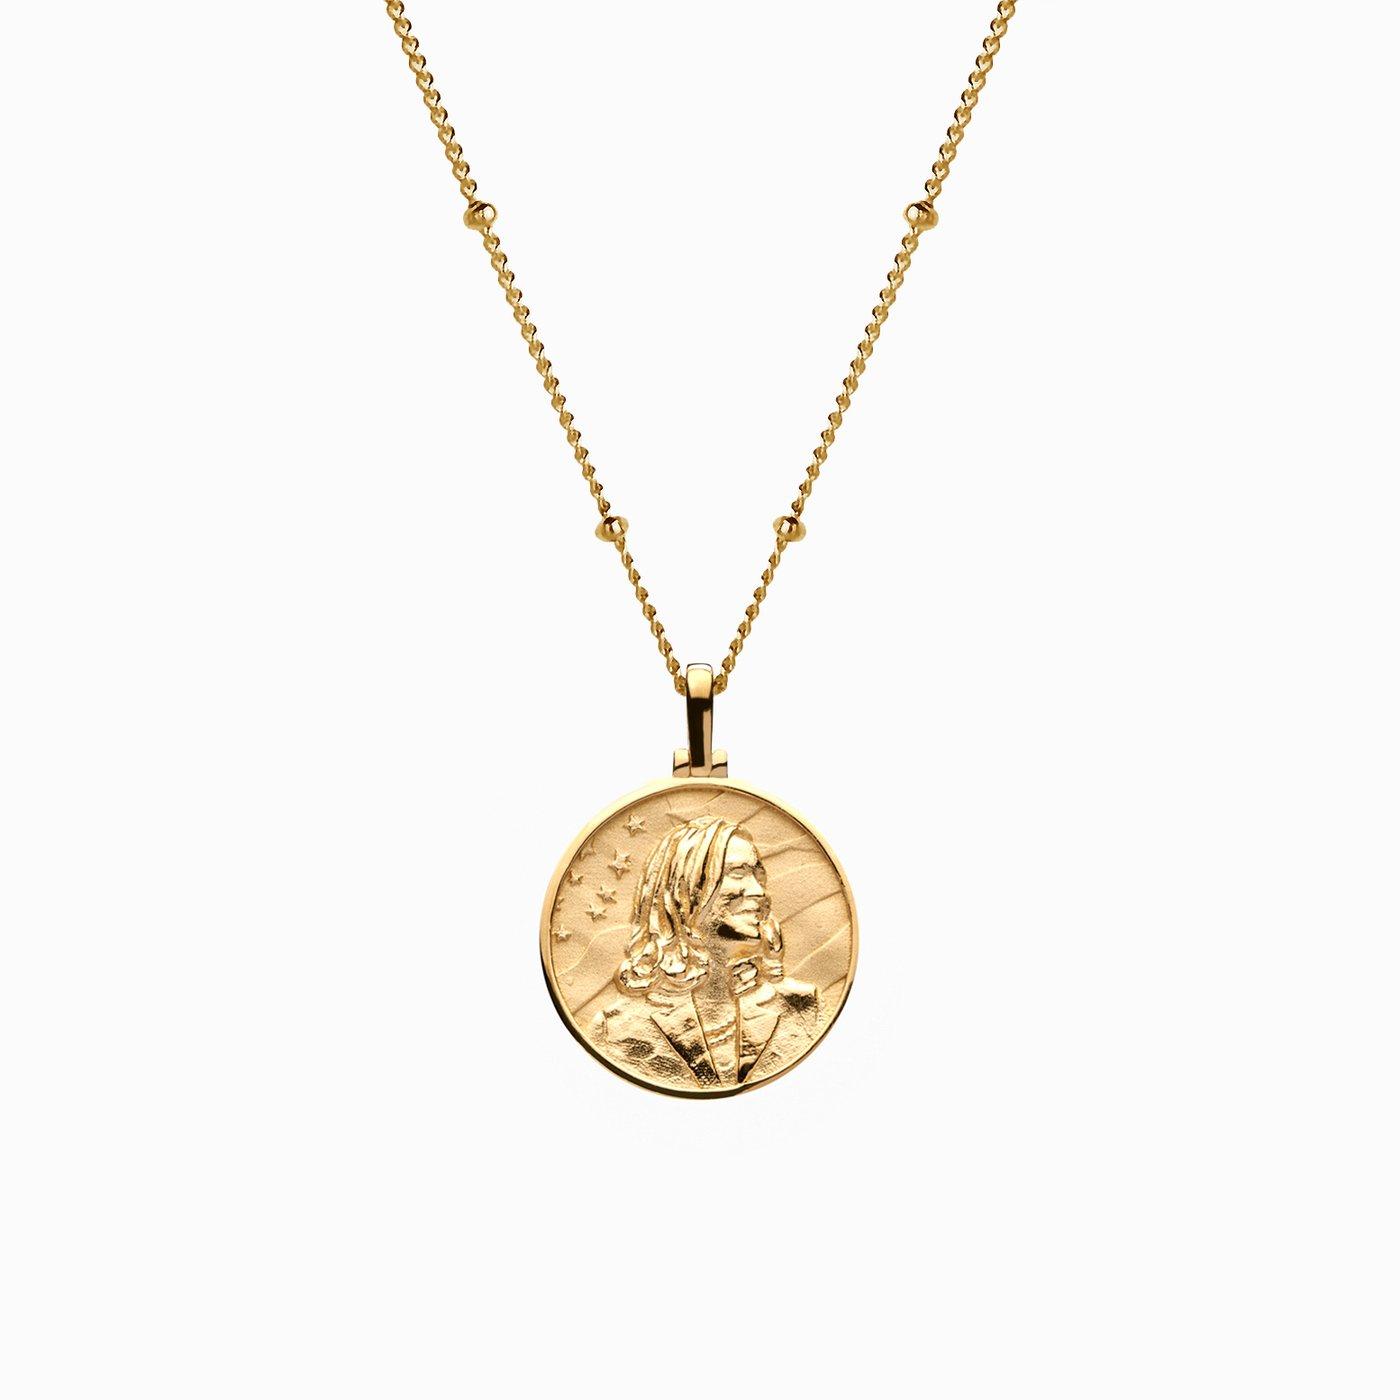 kamala harris necklace